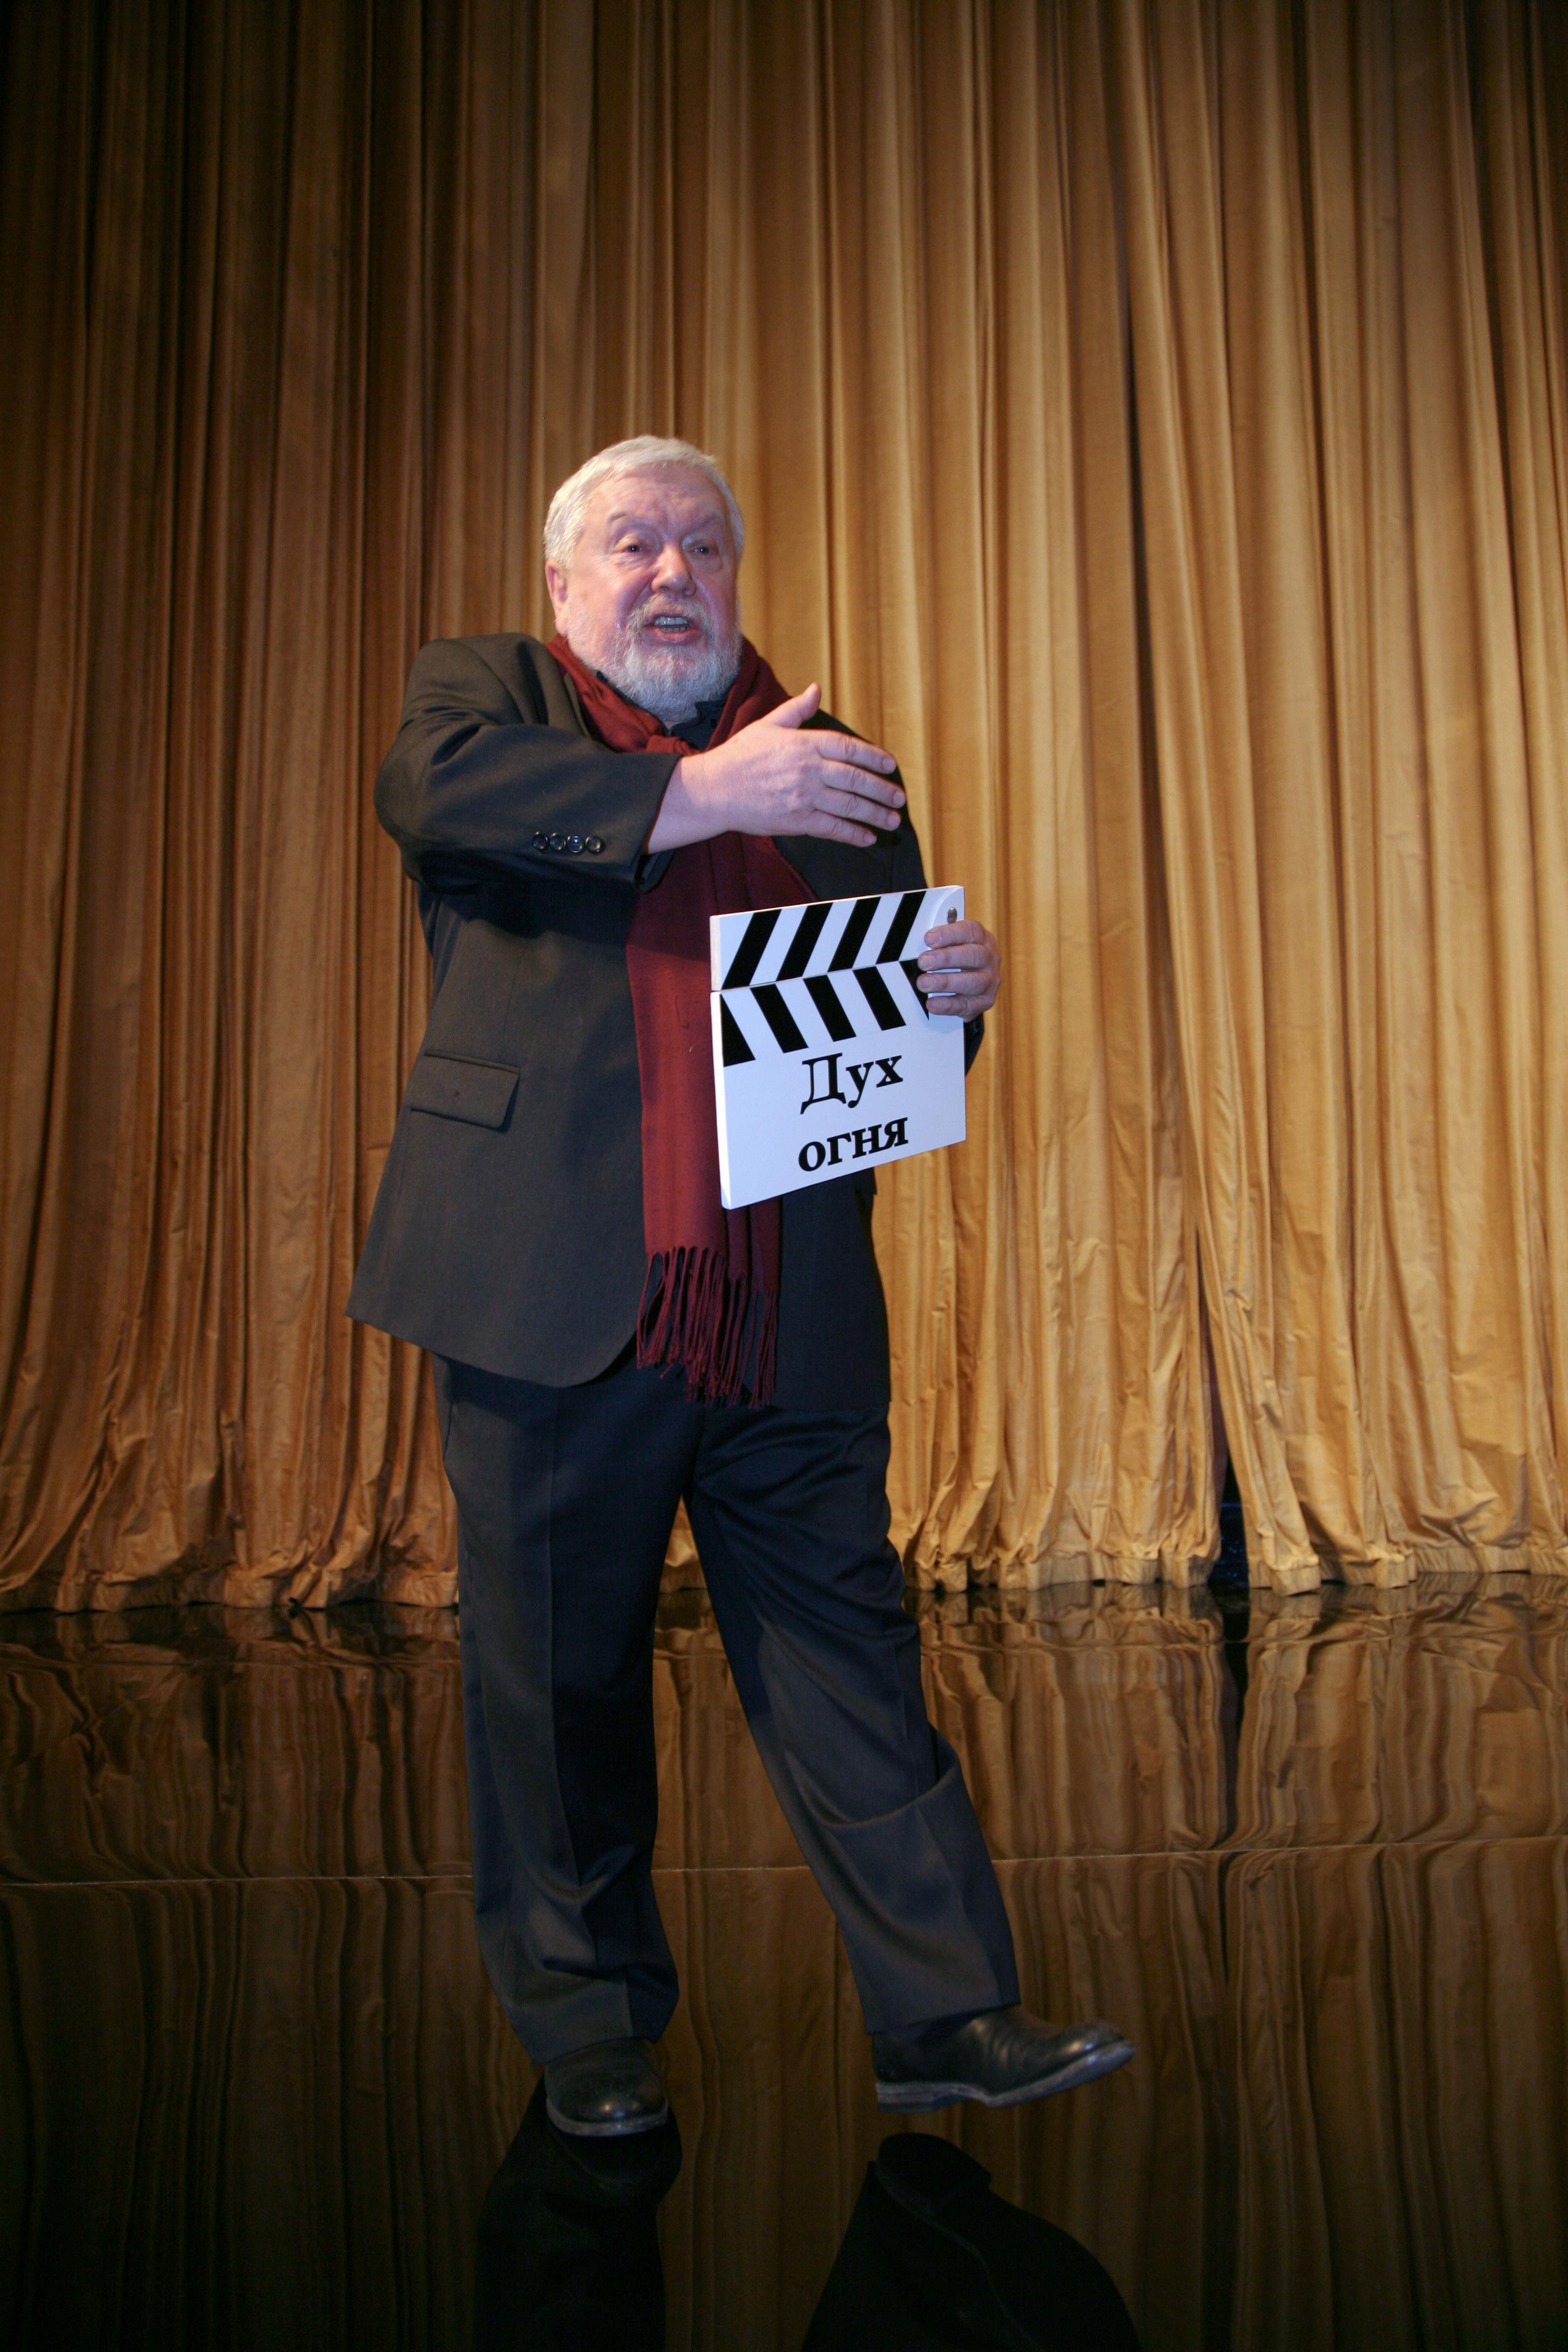 Сергей Соловьев впервые представит широкой публике долгожданную картину 2 АССА 2 на закрытии фестиваля кинематографических дебютов Дух огня, который проходит в Ханты-Мансийске